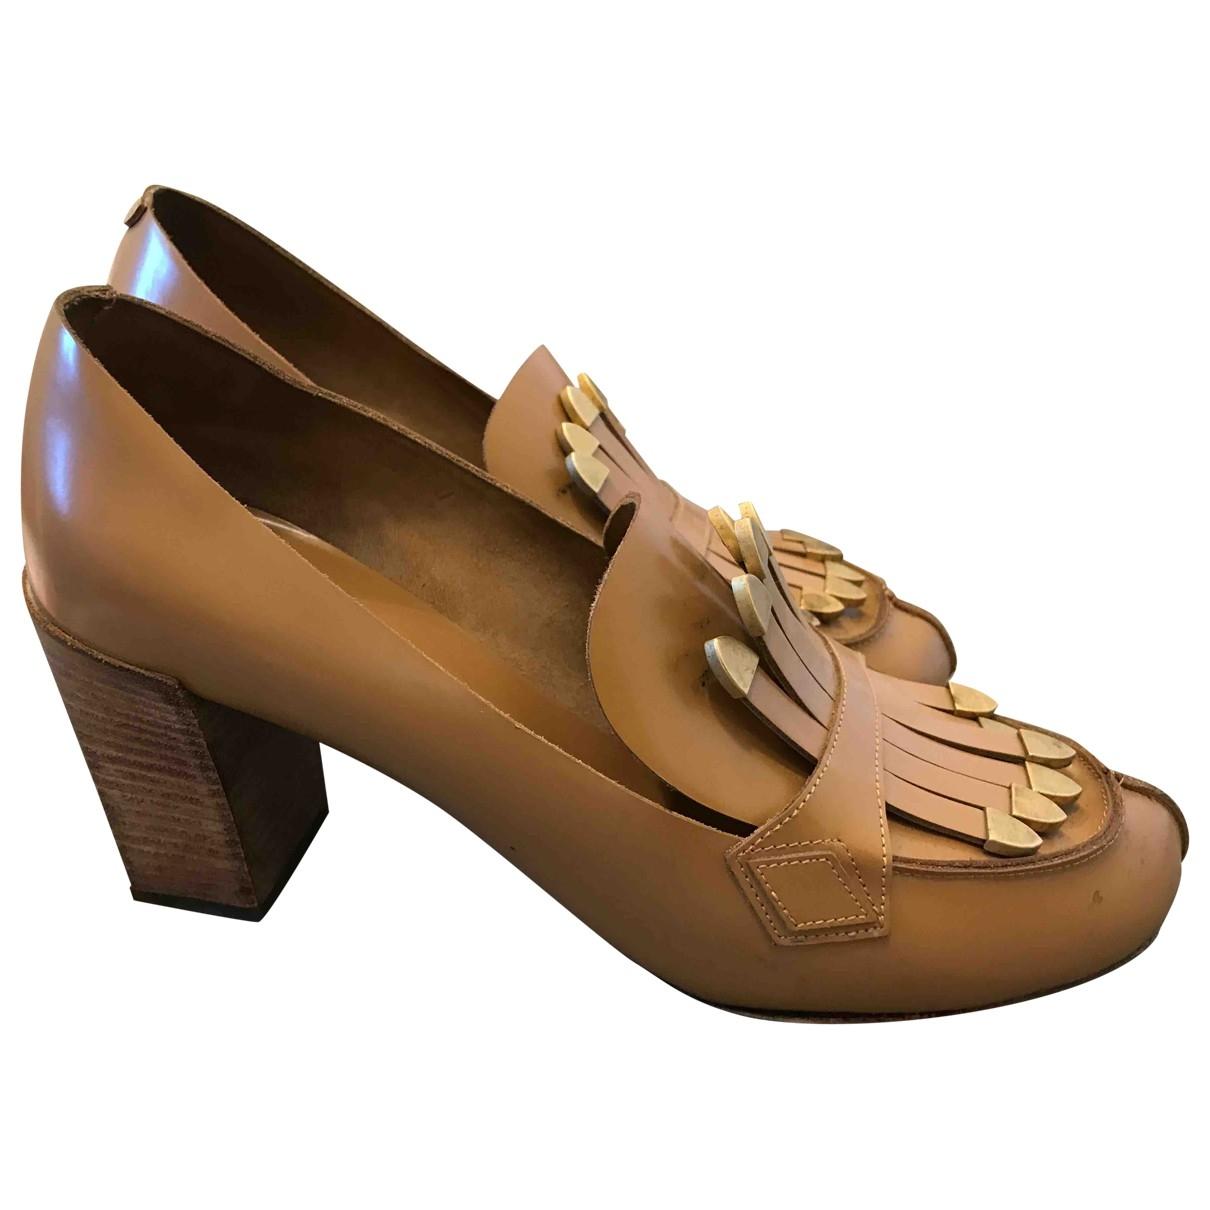 Chloé \N Beige Leather Heels for Women 38 EU